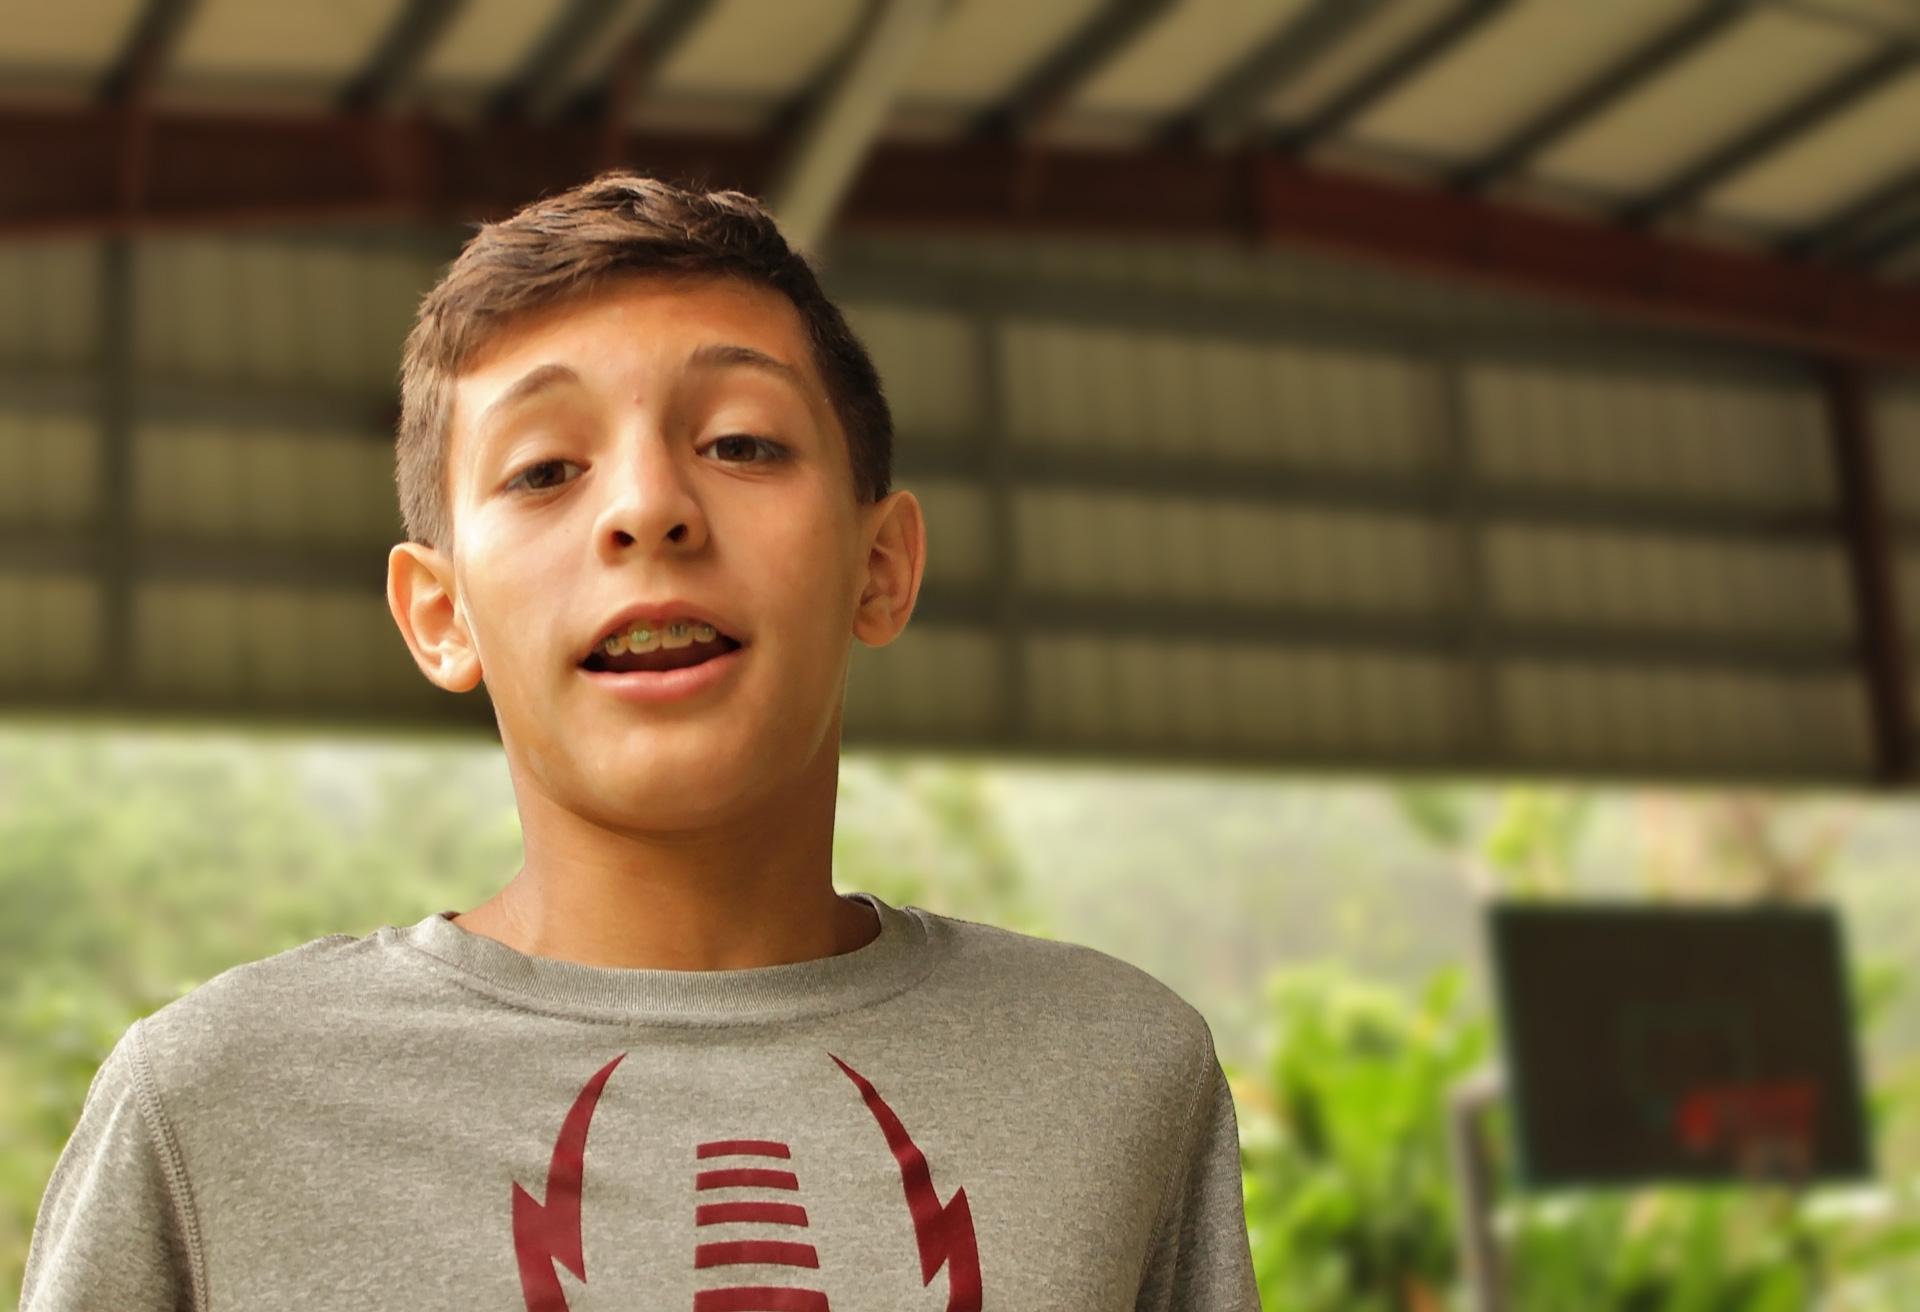 Julio Andrés, de Plaza Escorial, Carolina, Puerto Rico habla sobre su experiencia ayudando familias tras el paso del Huracán María.